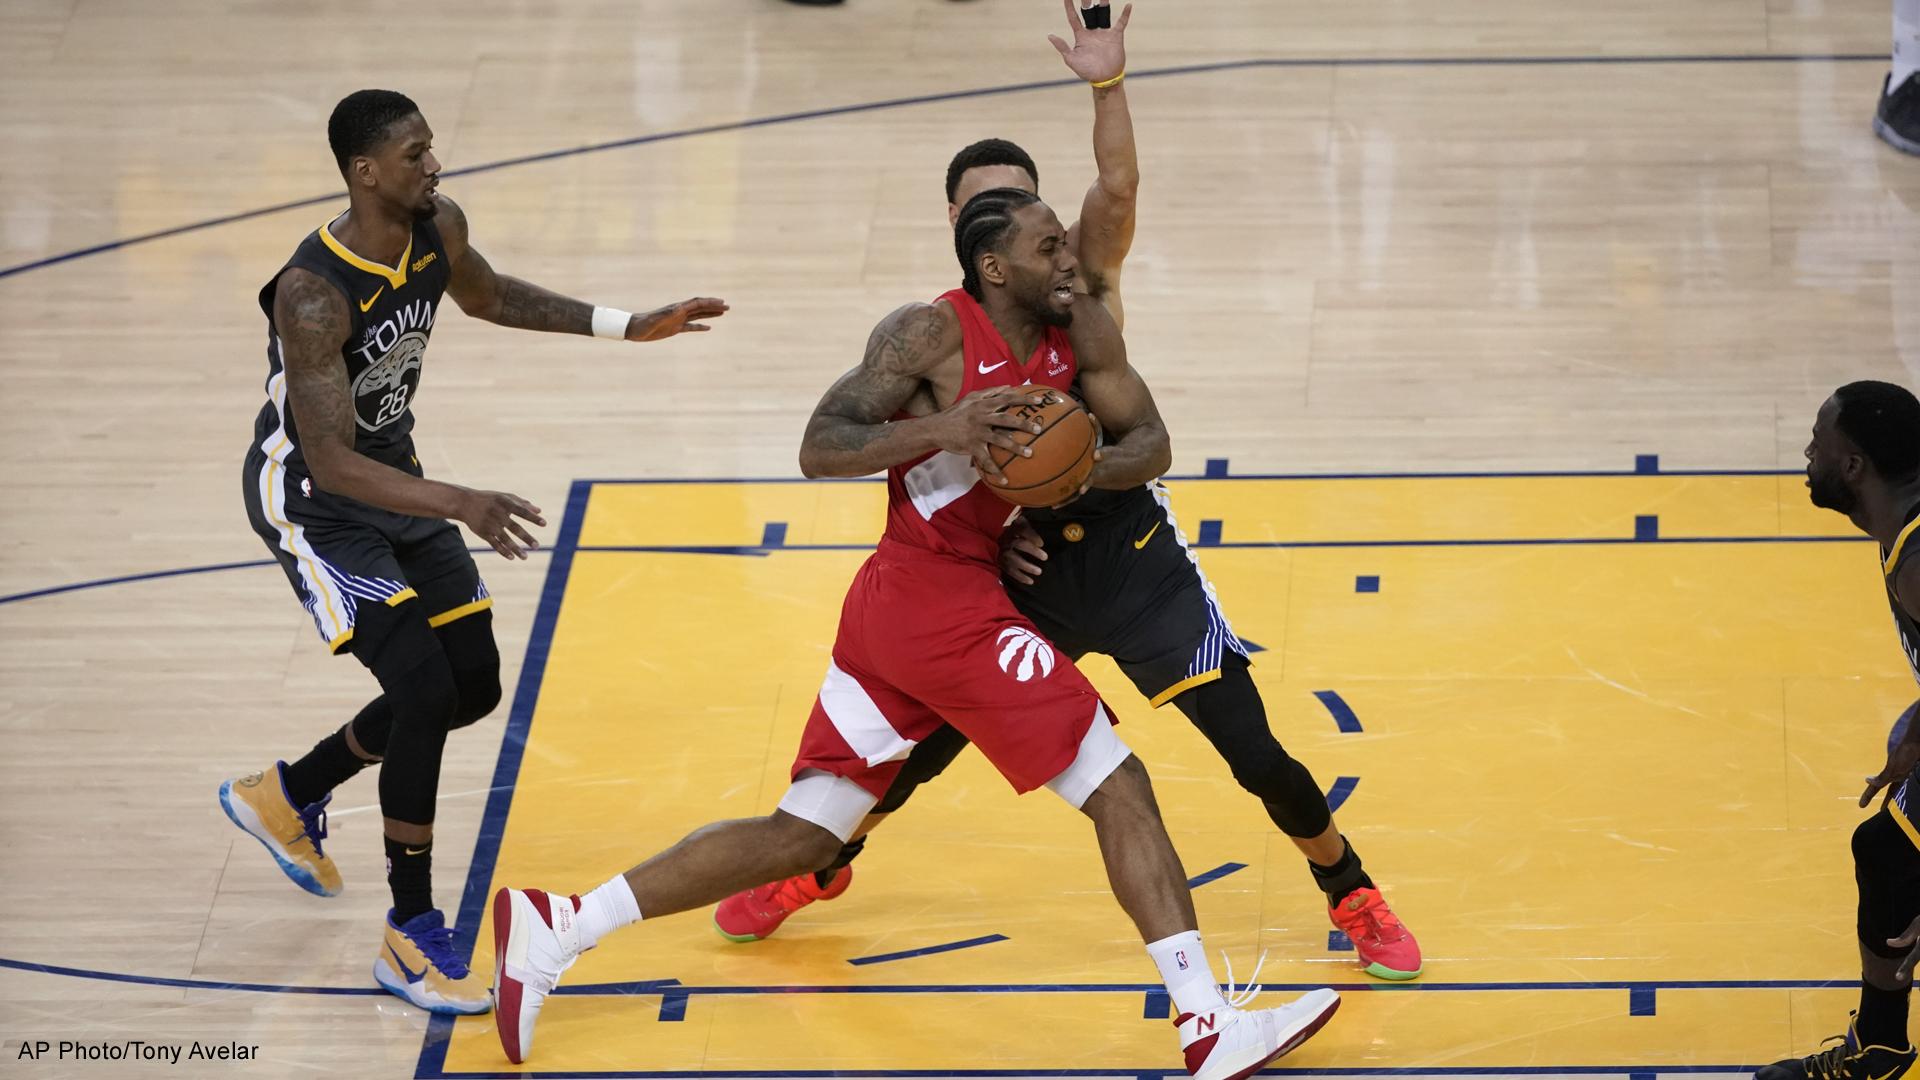 Toronto Raptors versus Golden State Warriors in the NBA finals